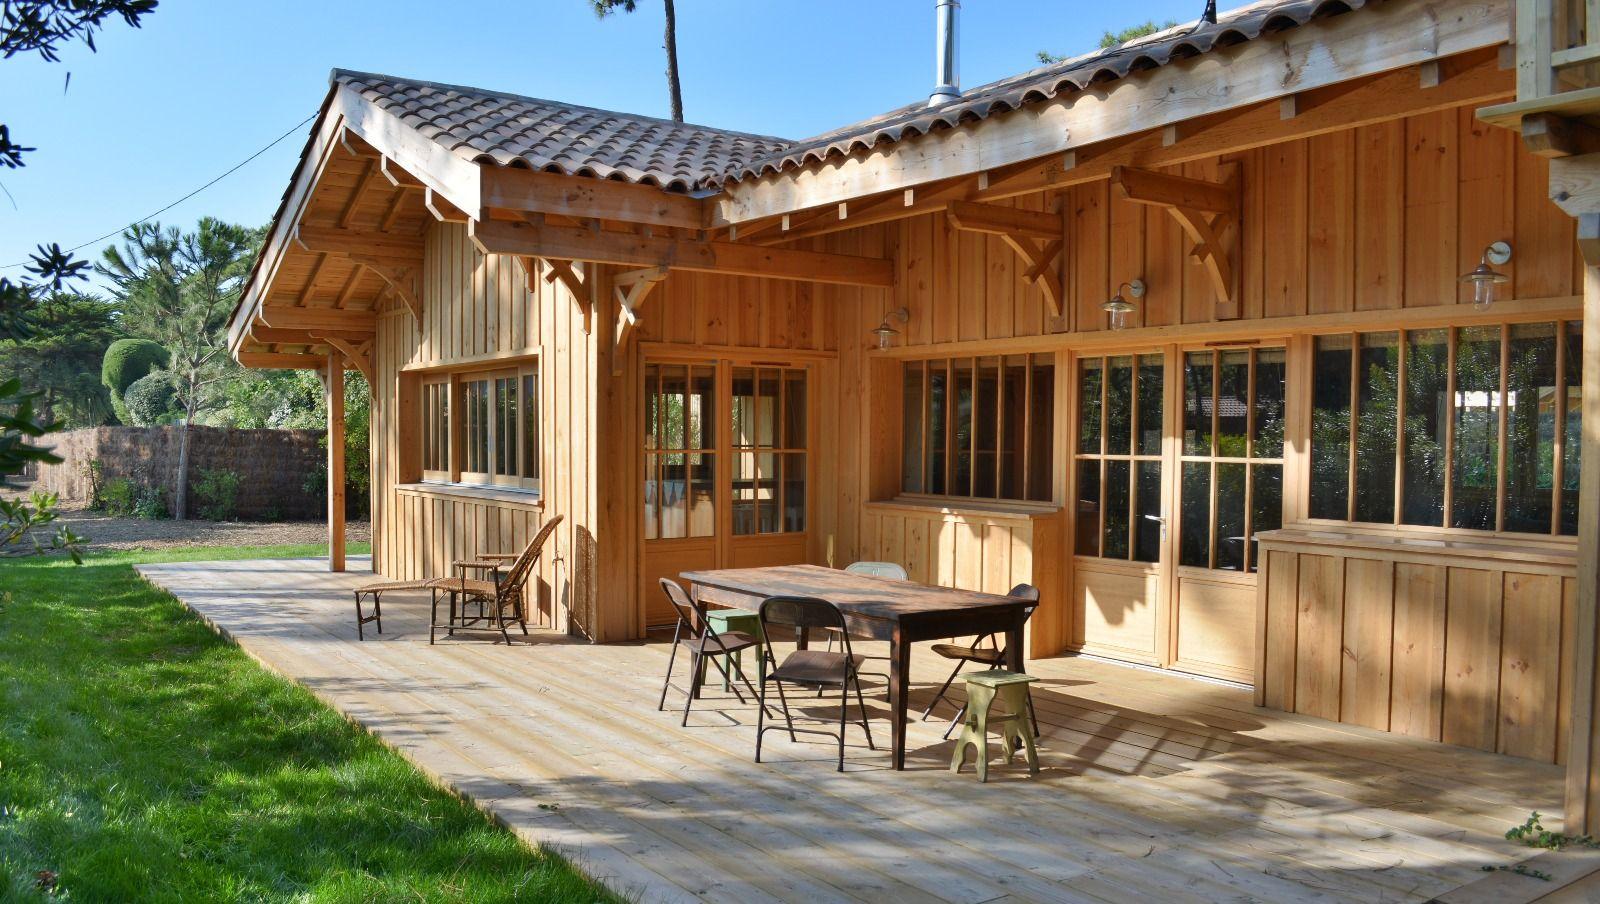 Cap ferret le phare maison en bois neuve proche plage - Les plus belles maisons en bois ...